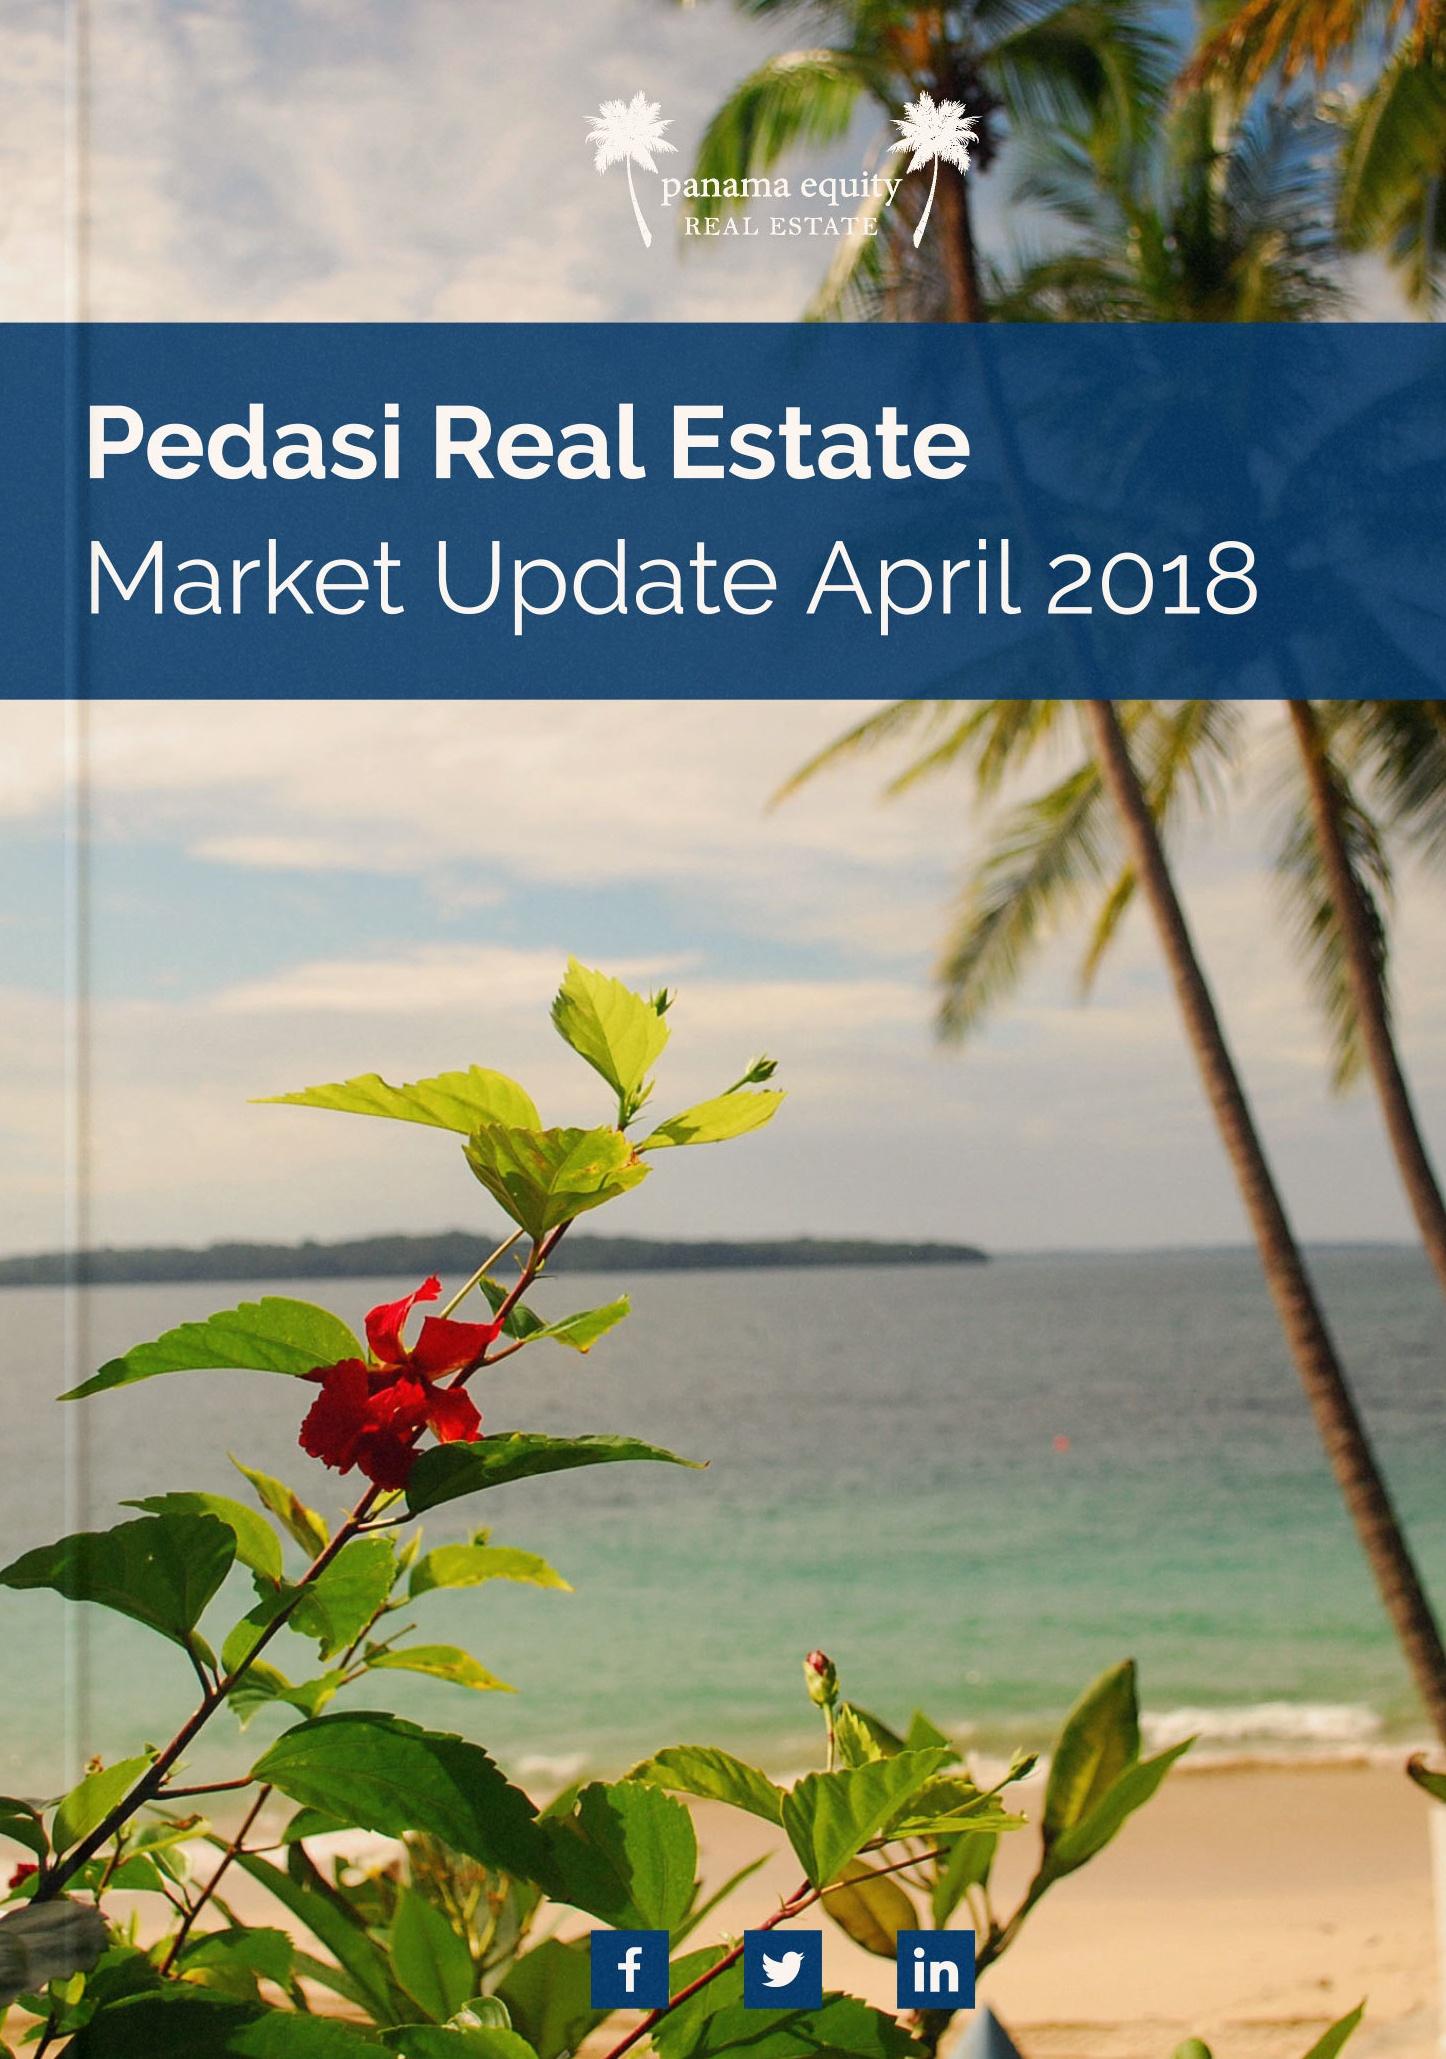 Pedasi Market Update 2018 - Panama Equity